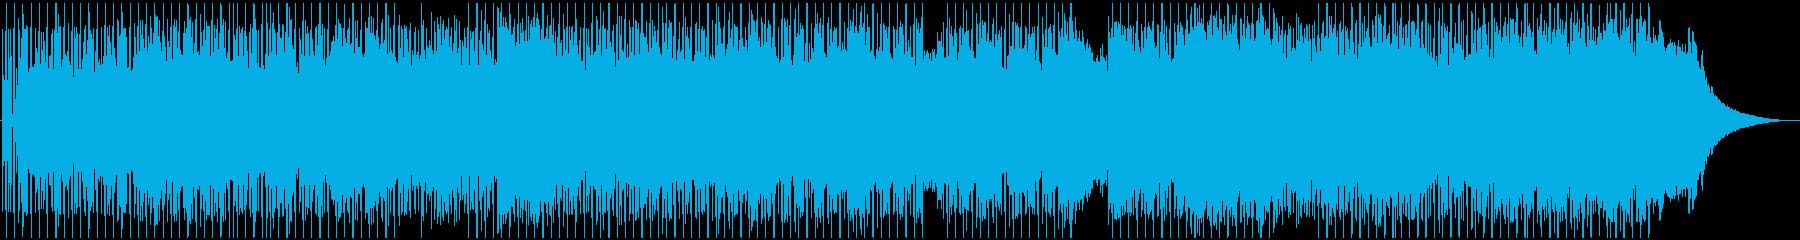 夕暮れ時の一時をイメージの再生済みの波形